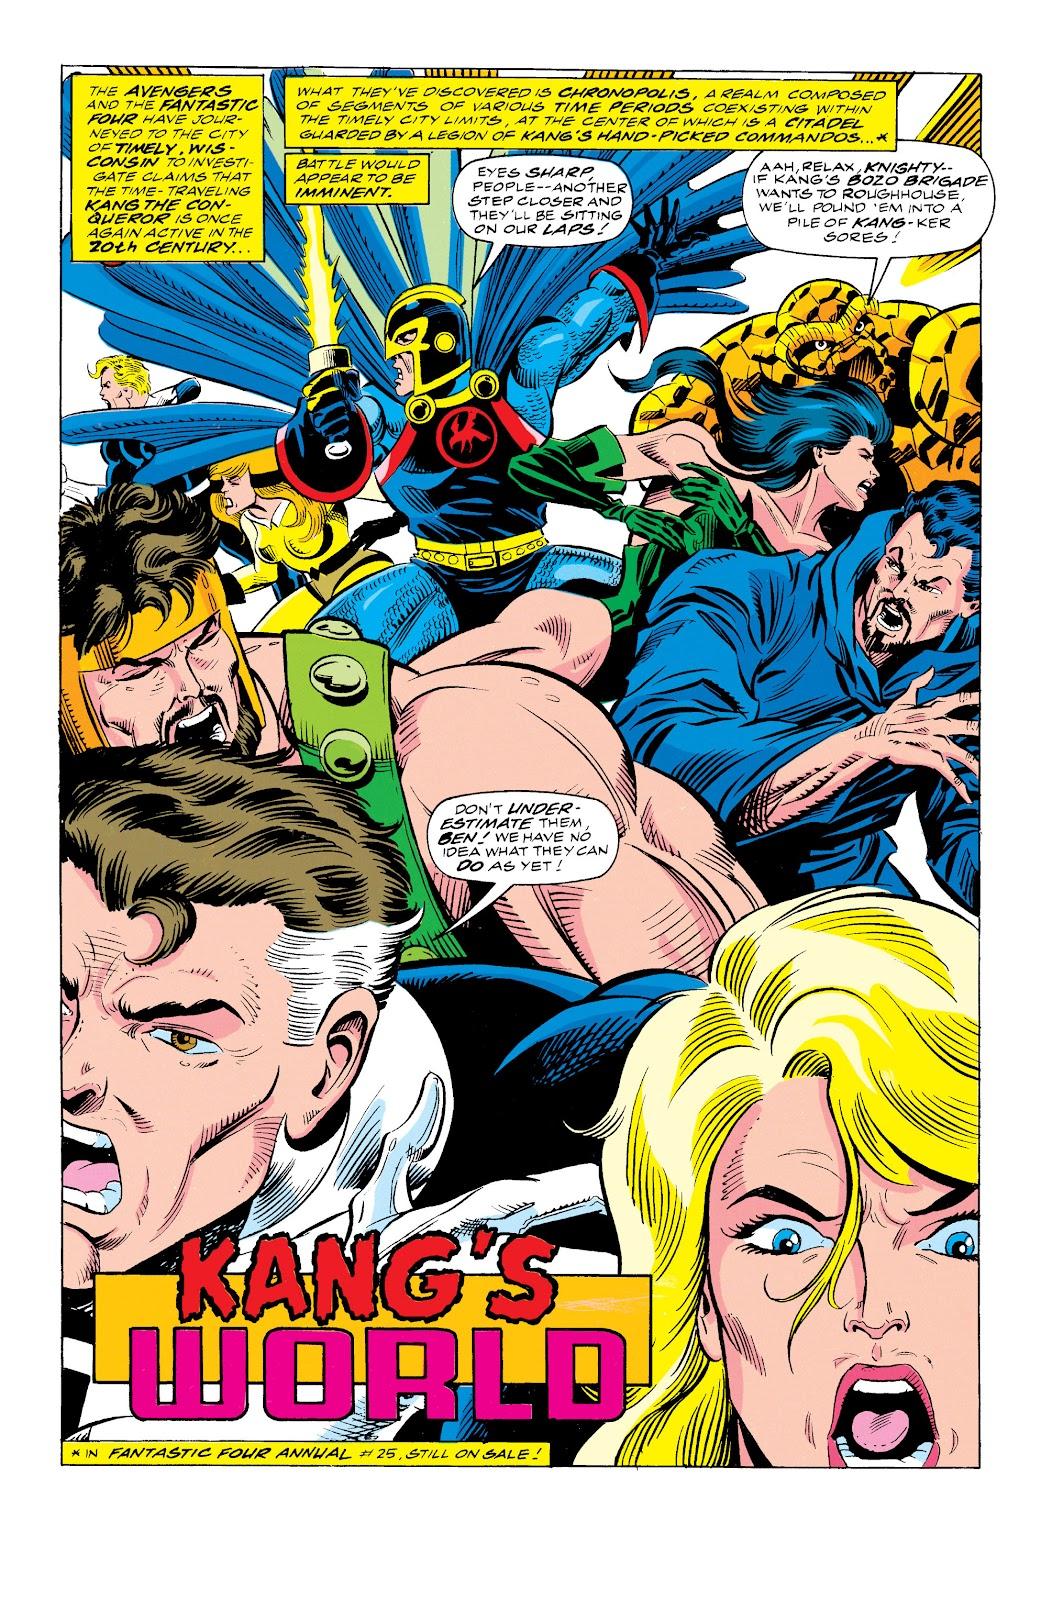 Read online Avengers: Citizen Kang comic -  Issue # TPB (Part 2) - 72